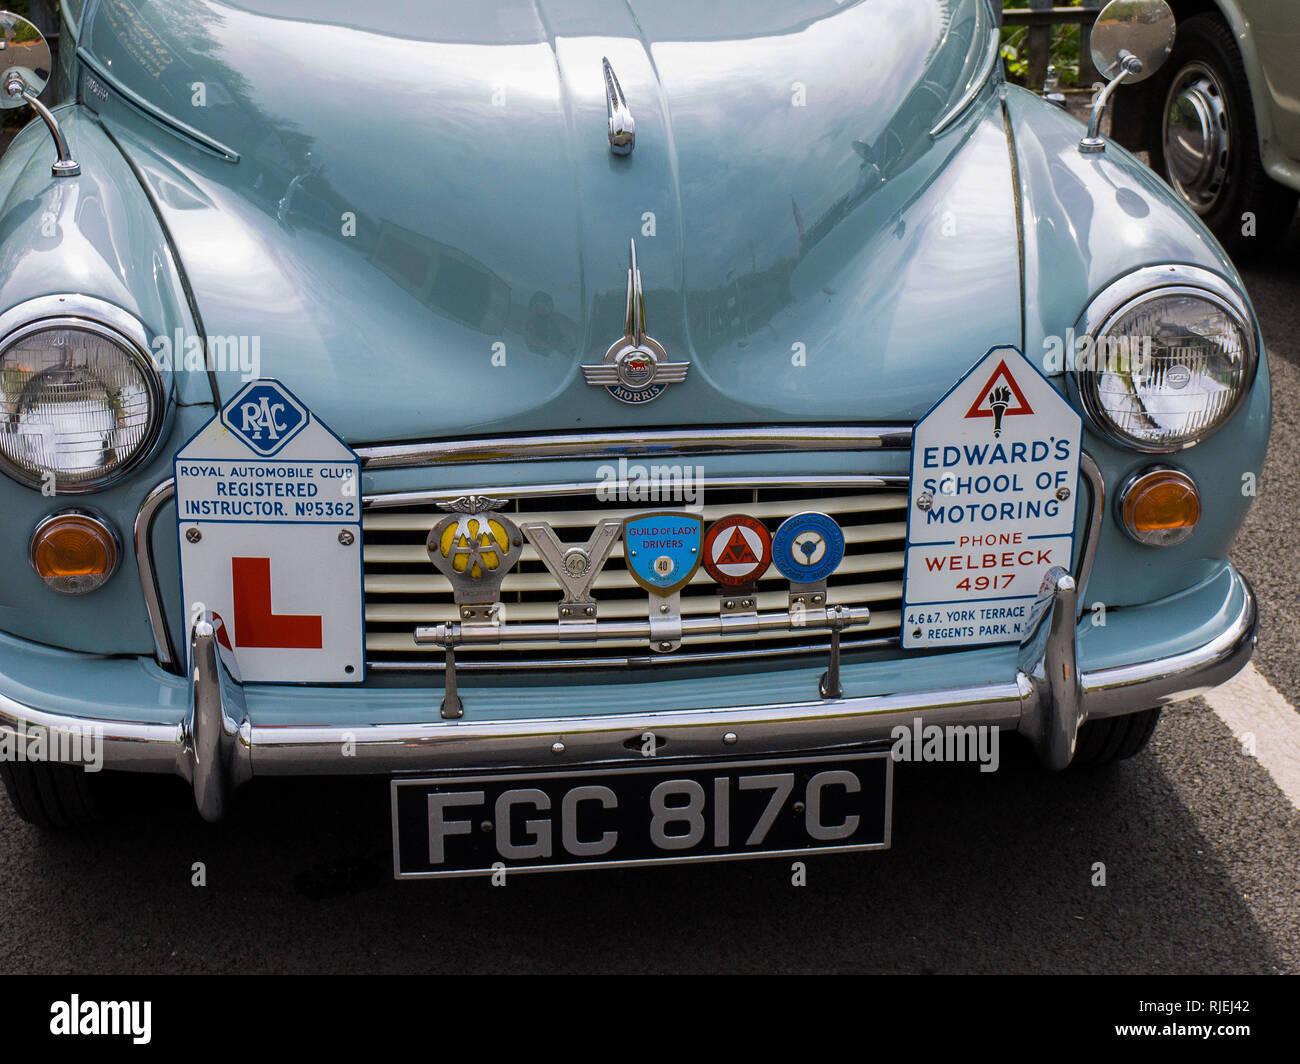 Morris Minor 1000 1965 (driving school car) - Stock Image